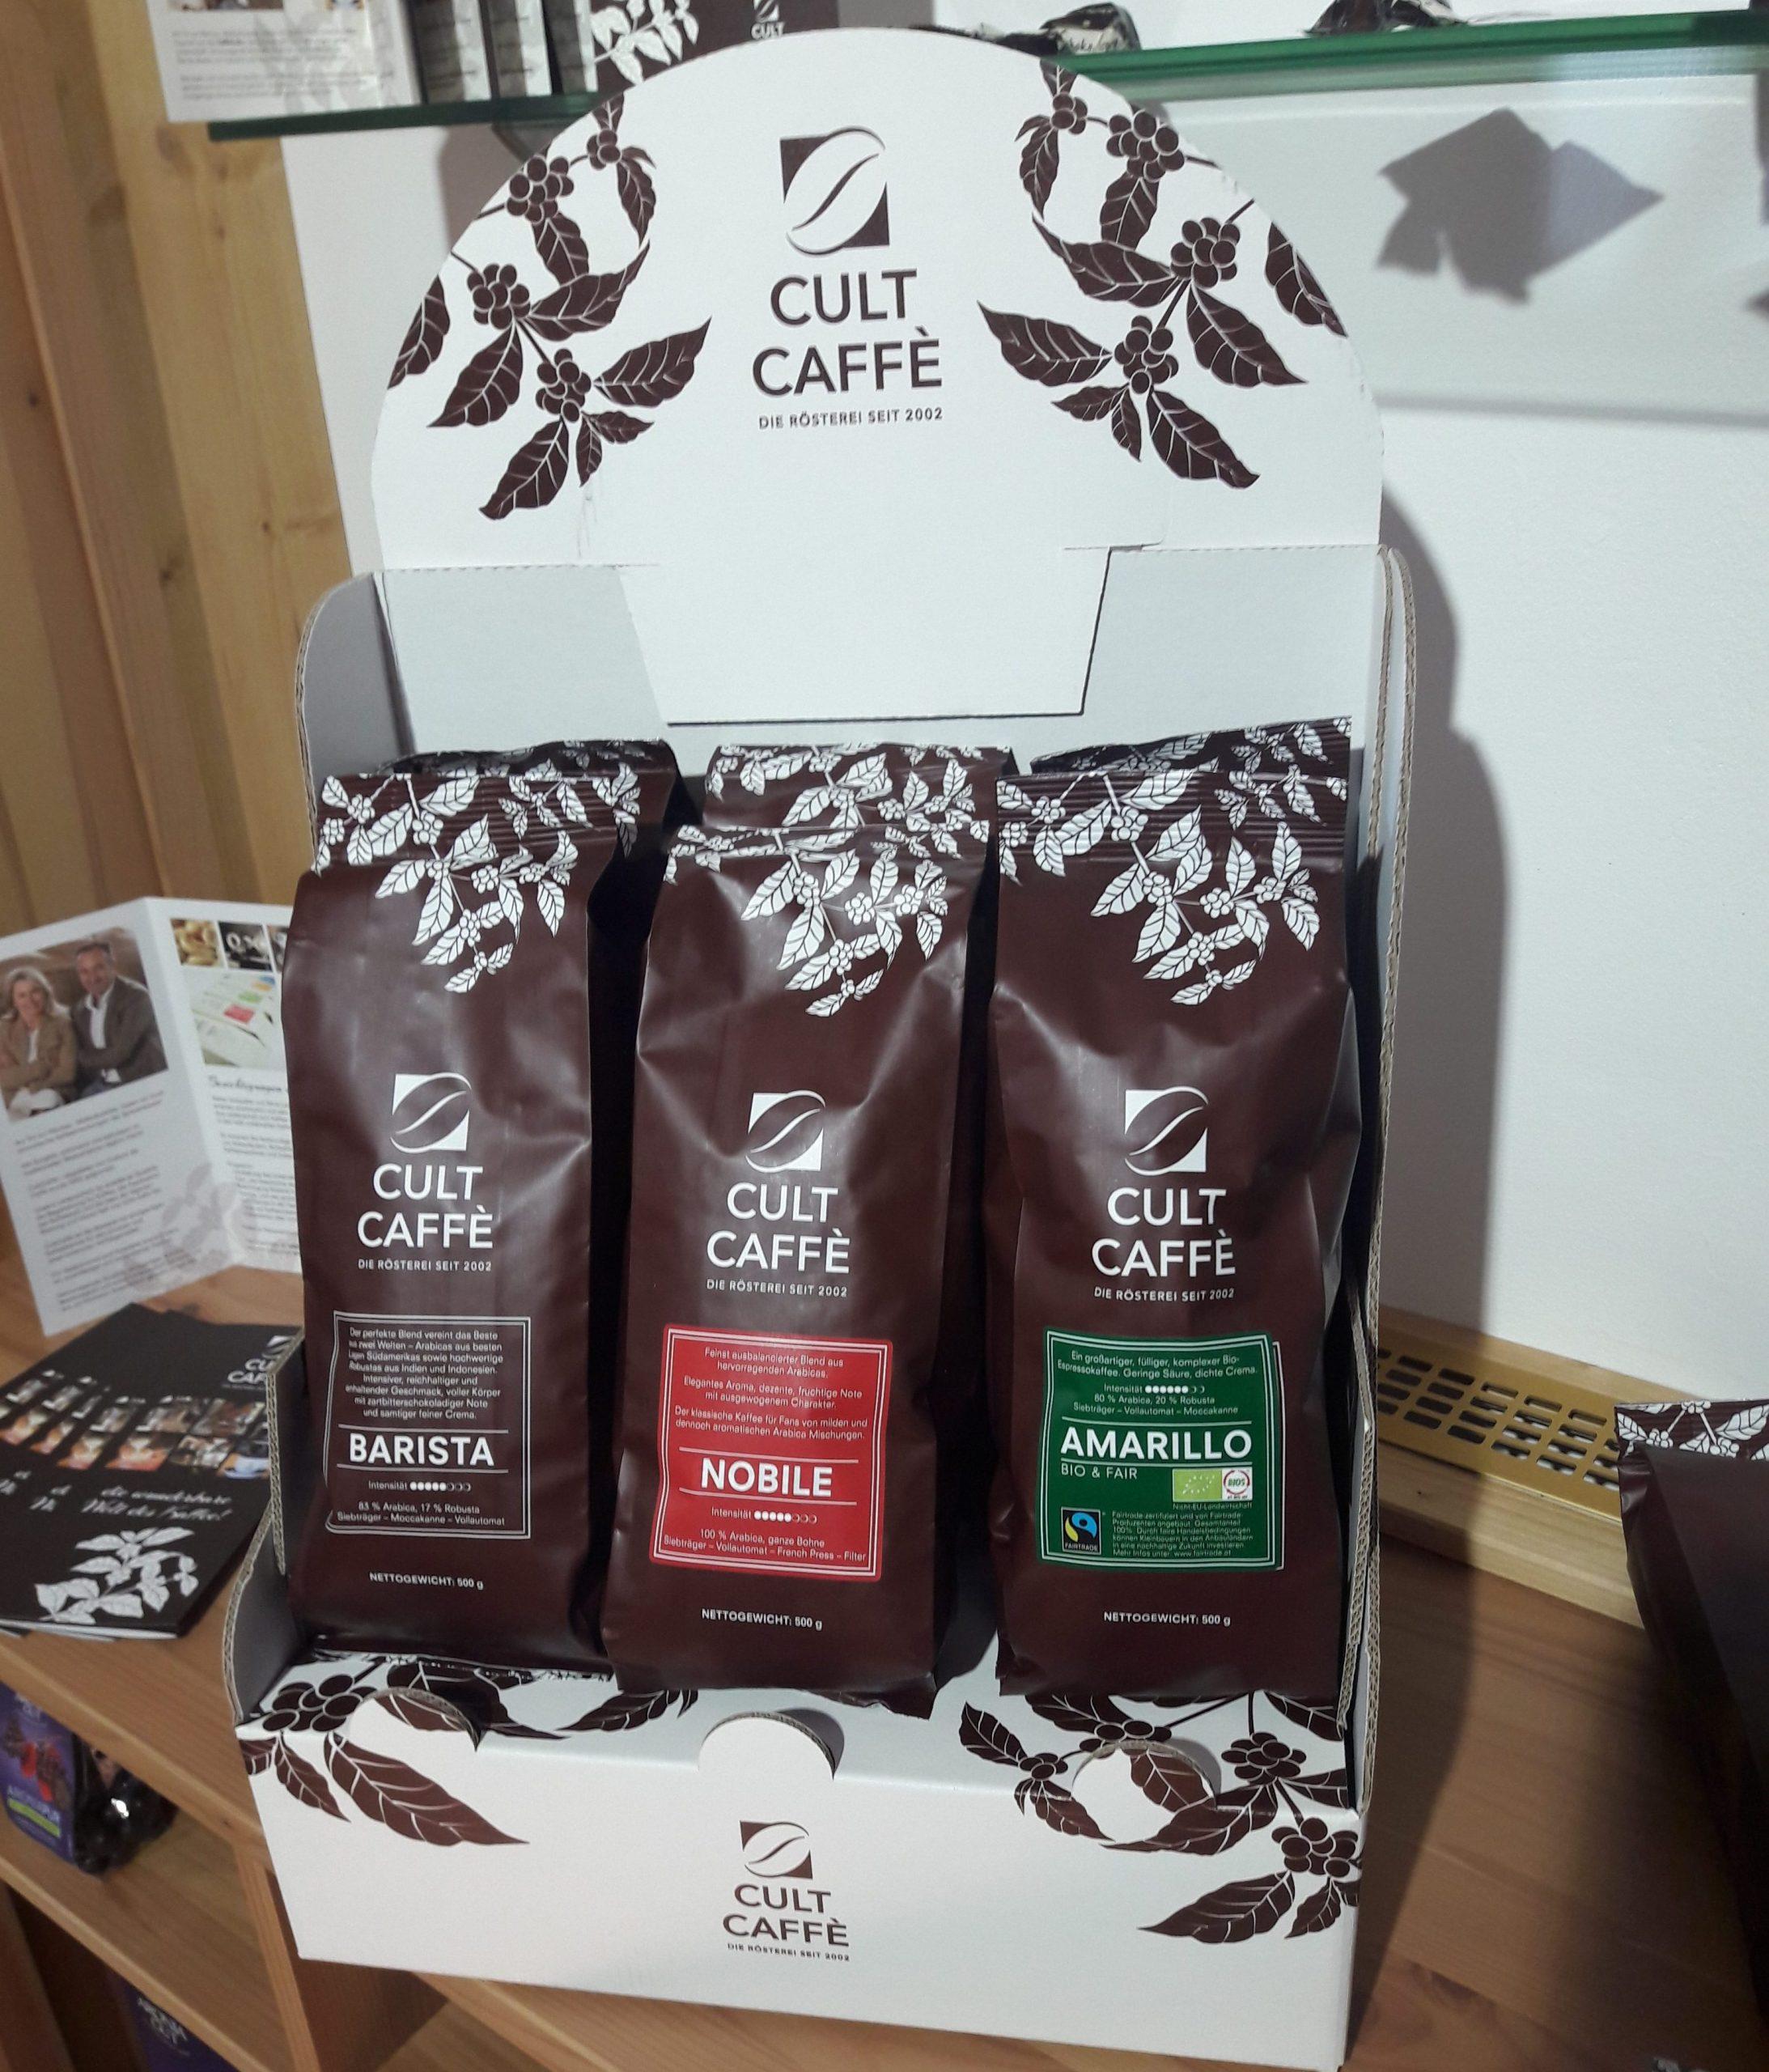 Cult Caffe